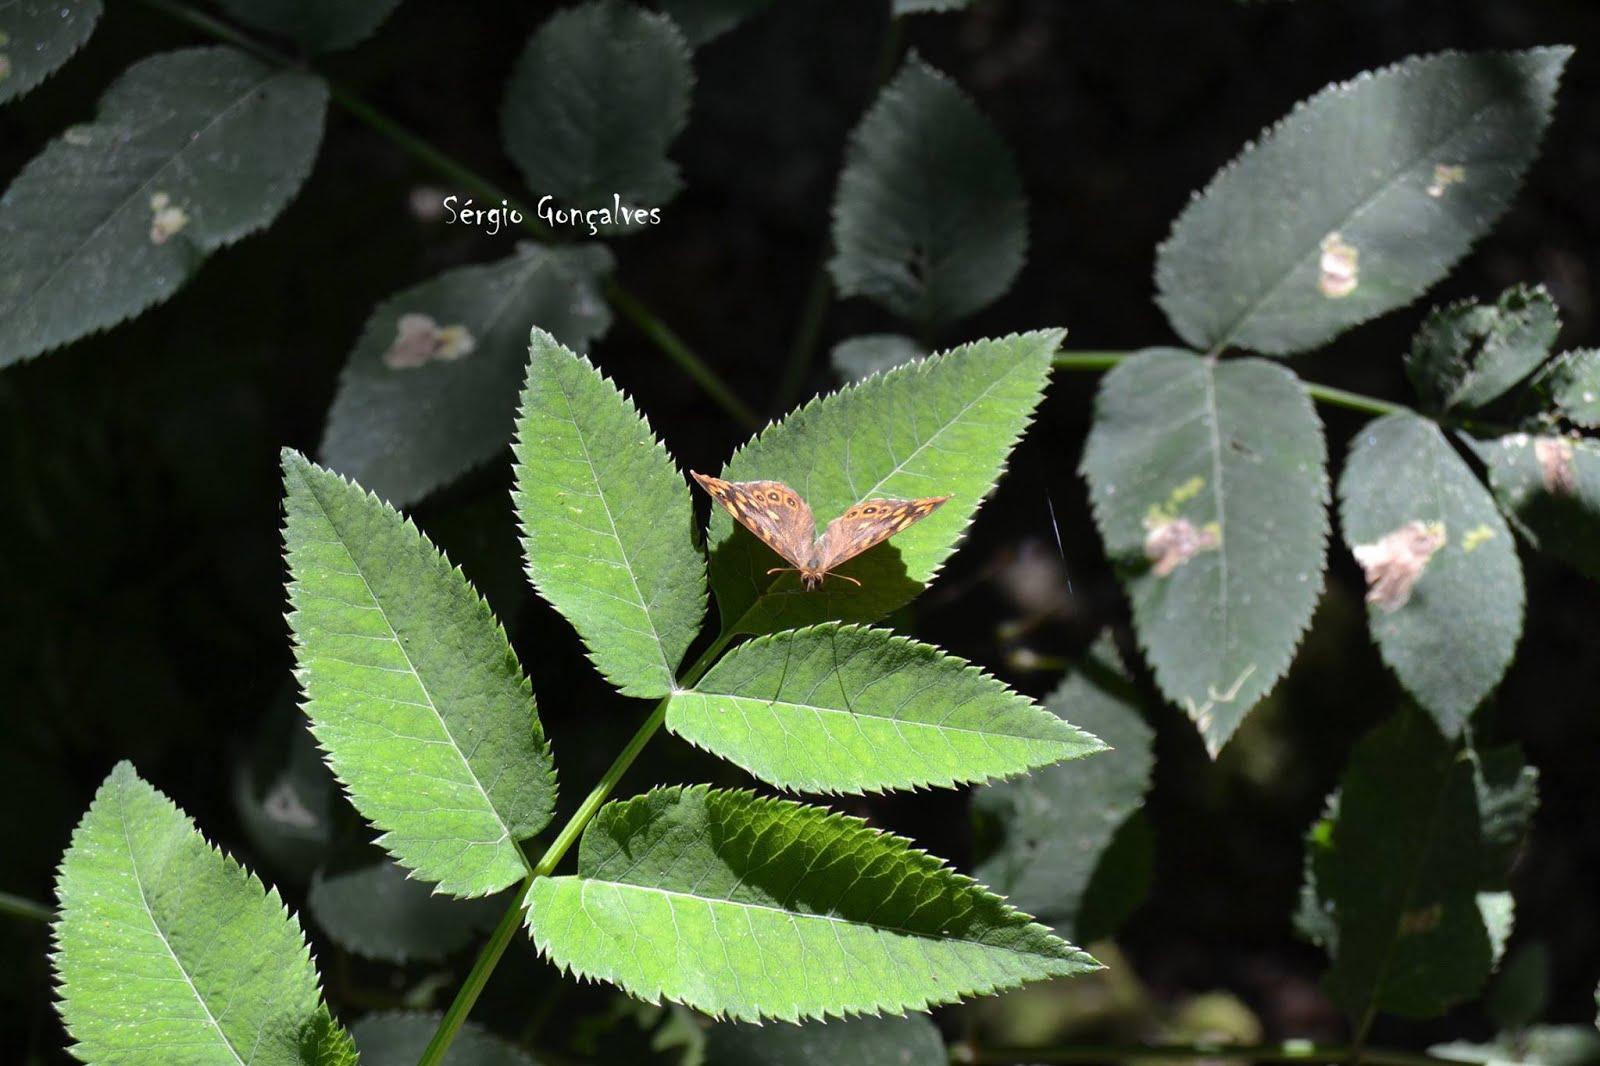 A Pararge aegeria é uma borboleta